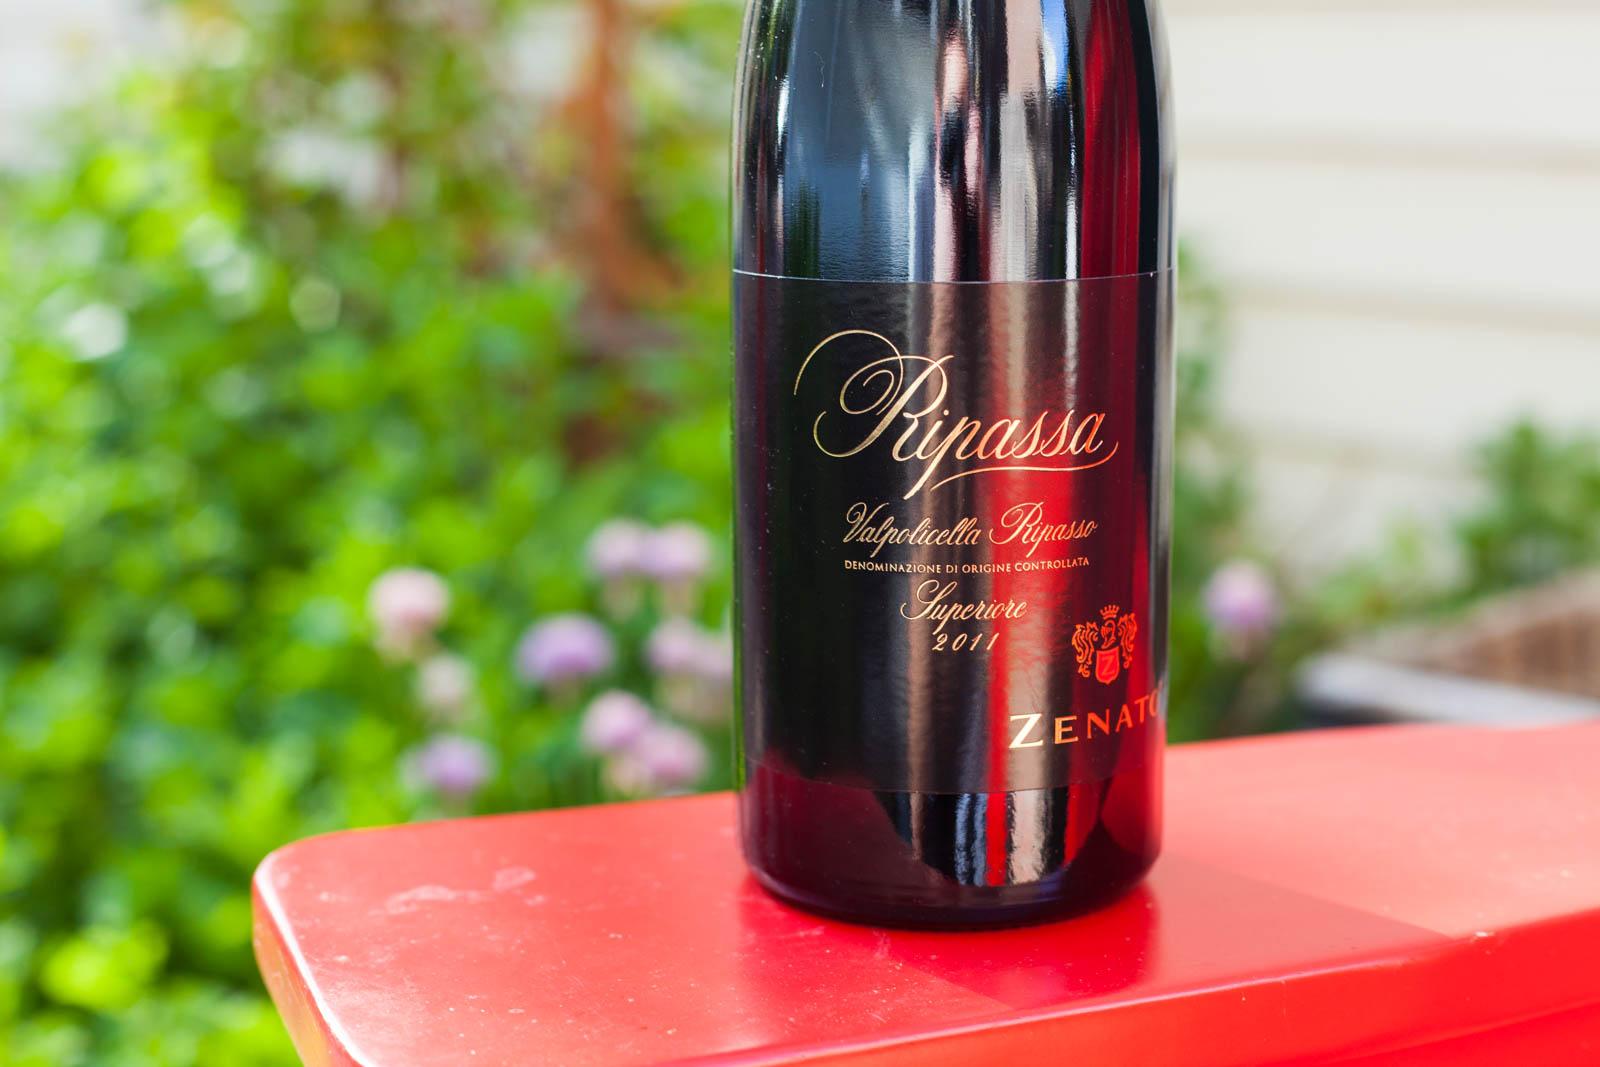 """Zenato """"Ripassa"""" Valpolicella Superiore Ripasso ©Kevin Day/Opening a Bottle"""